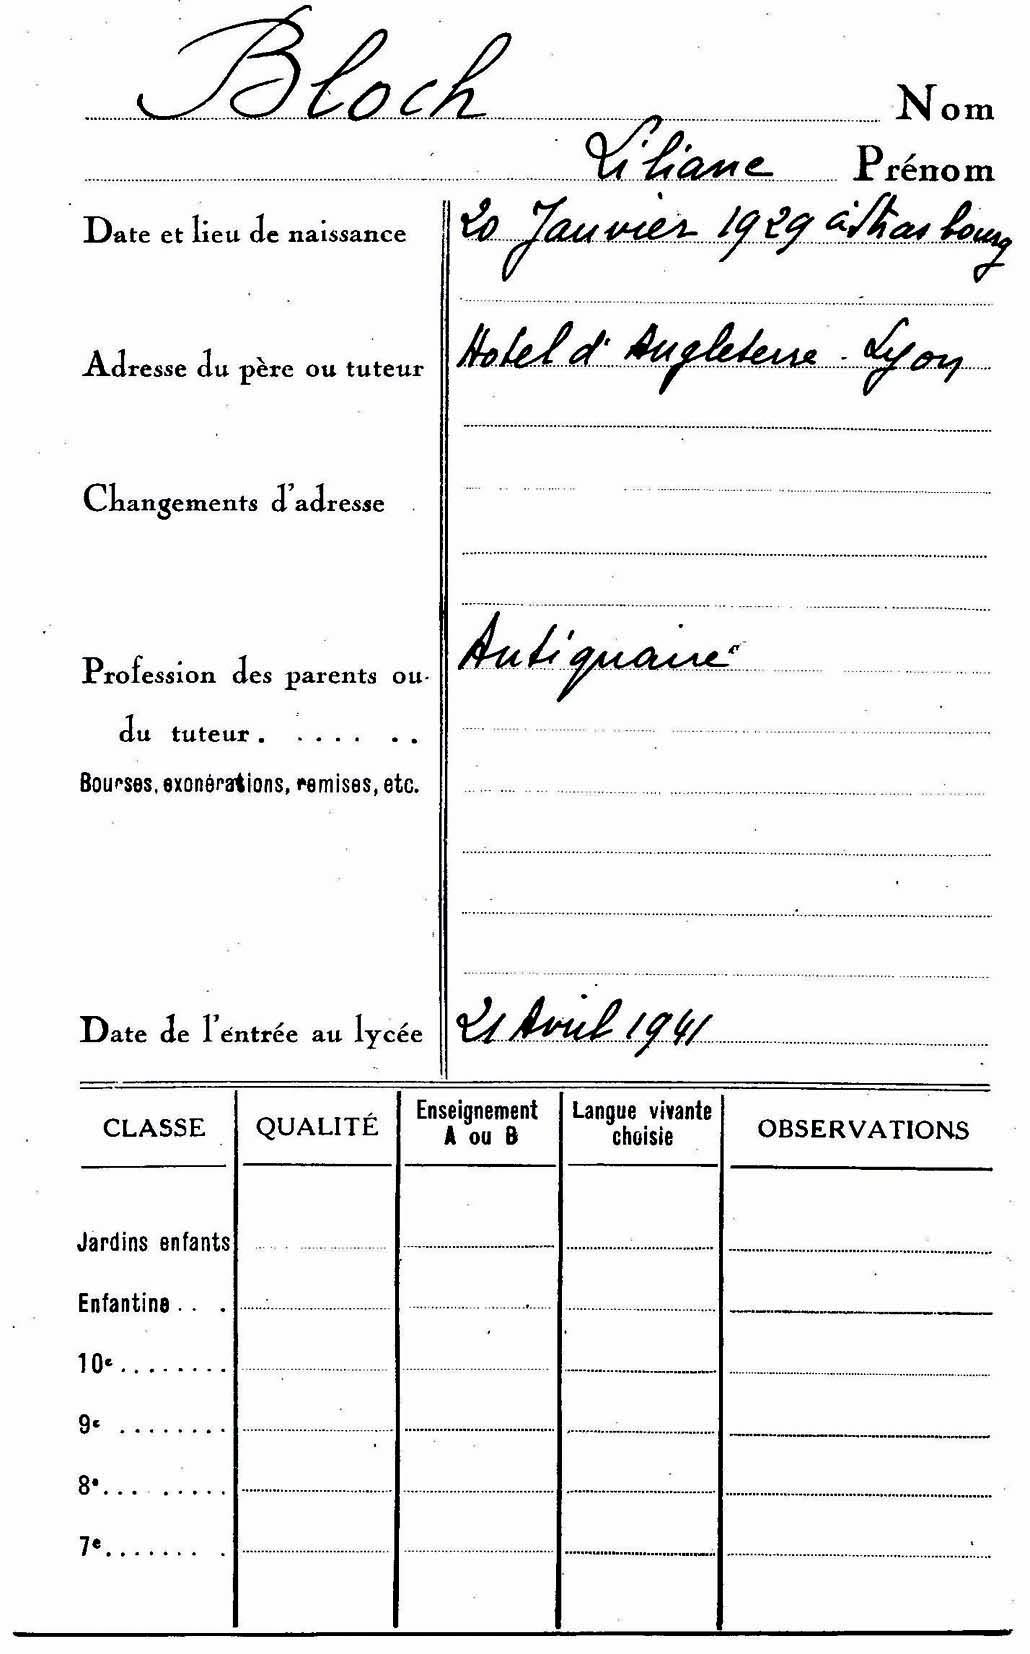 Famille Bloch / Lyon